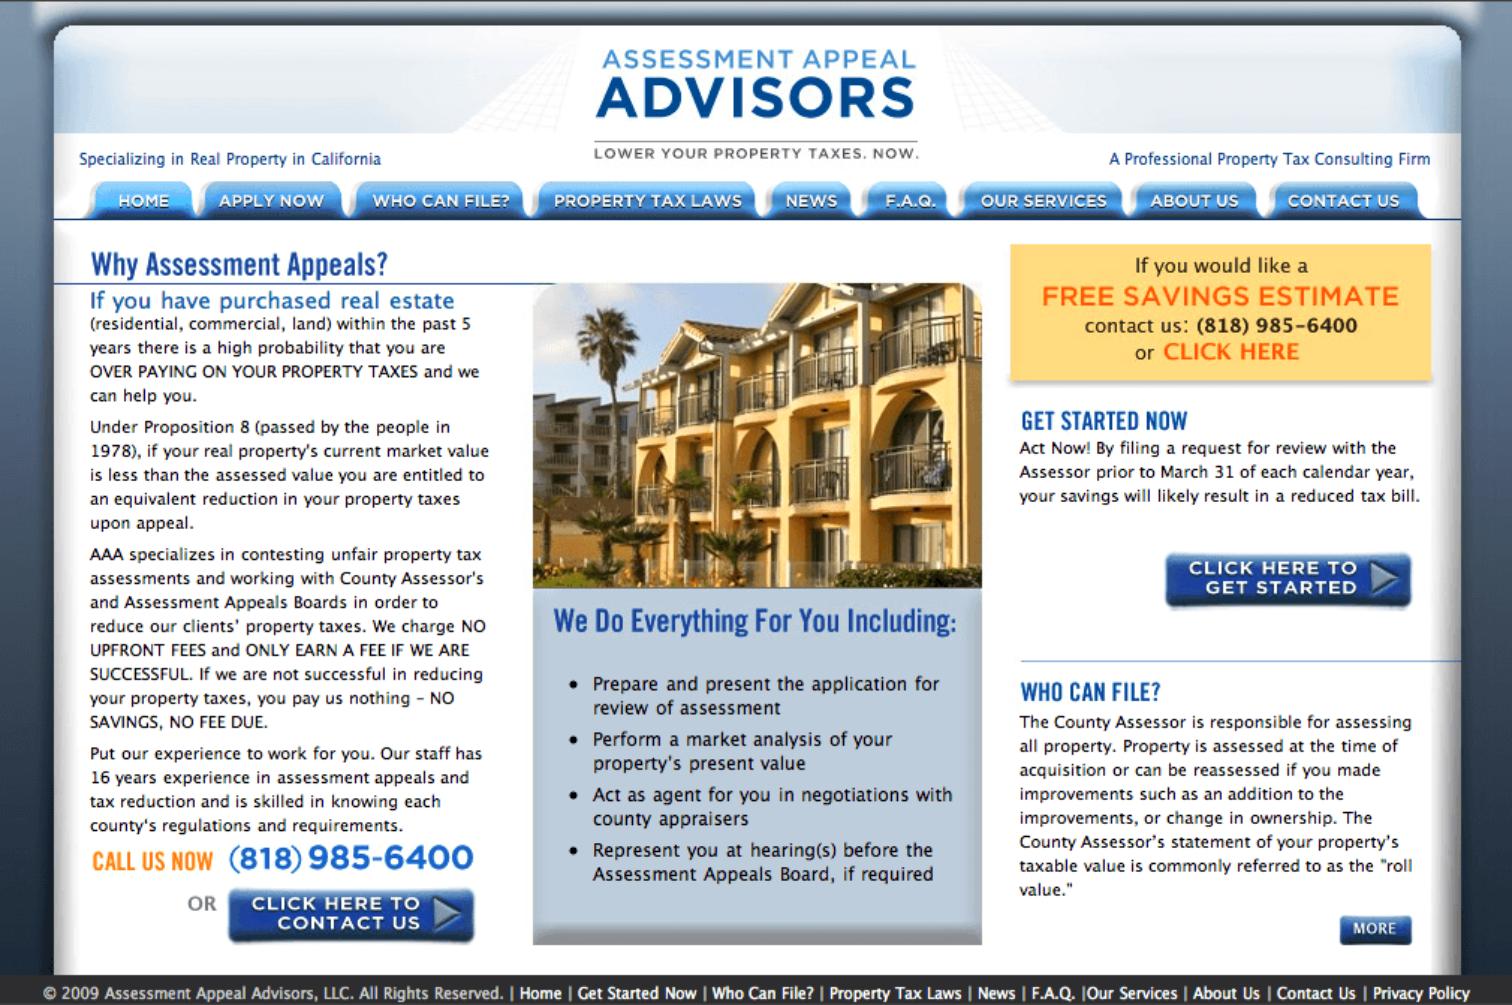 Assessment Appeal Advisors